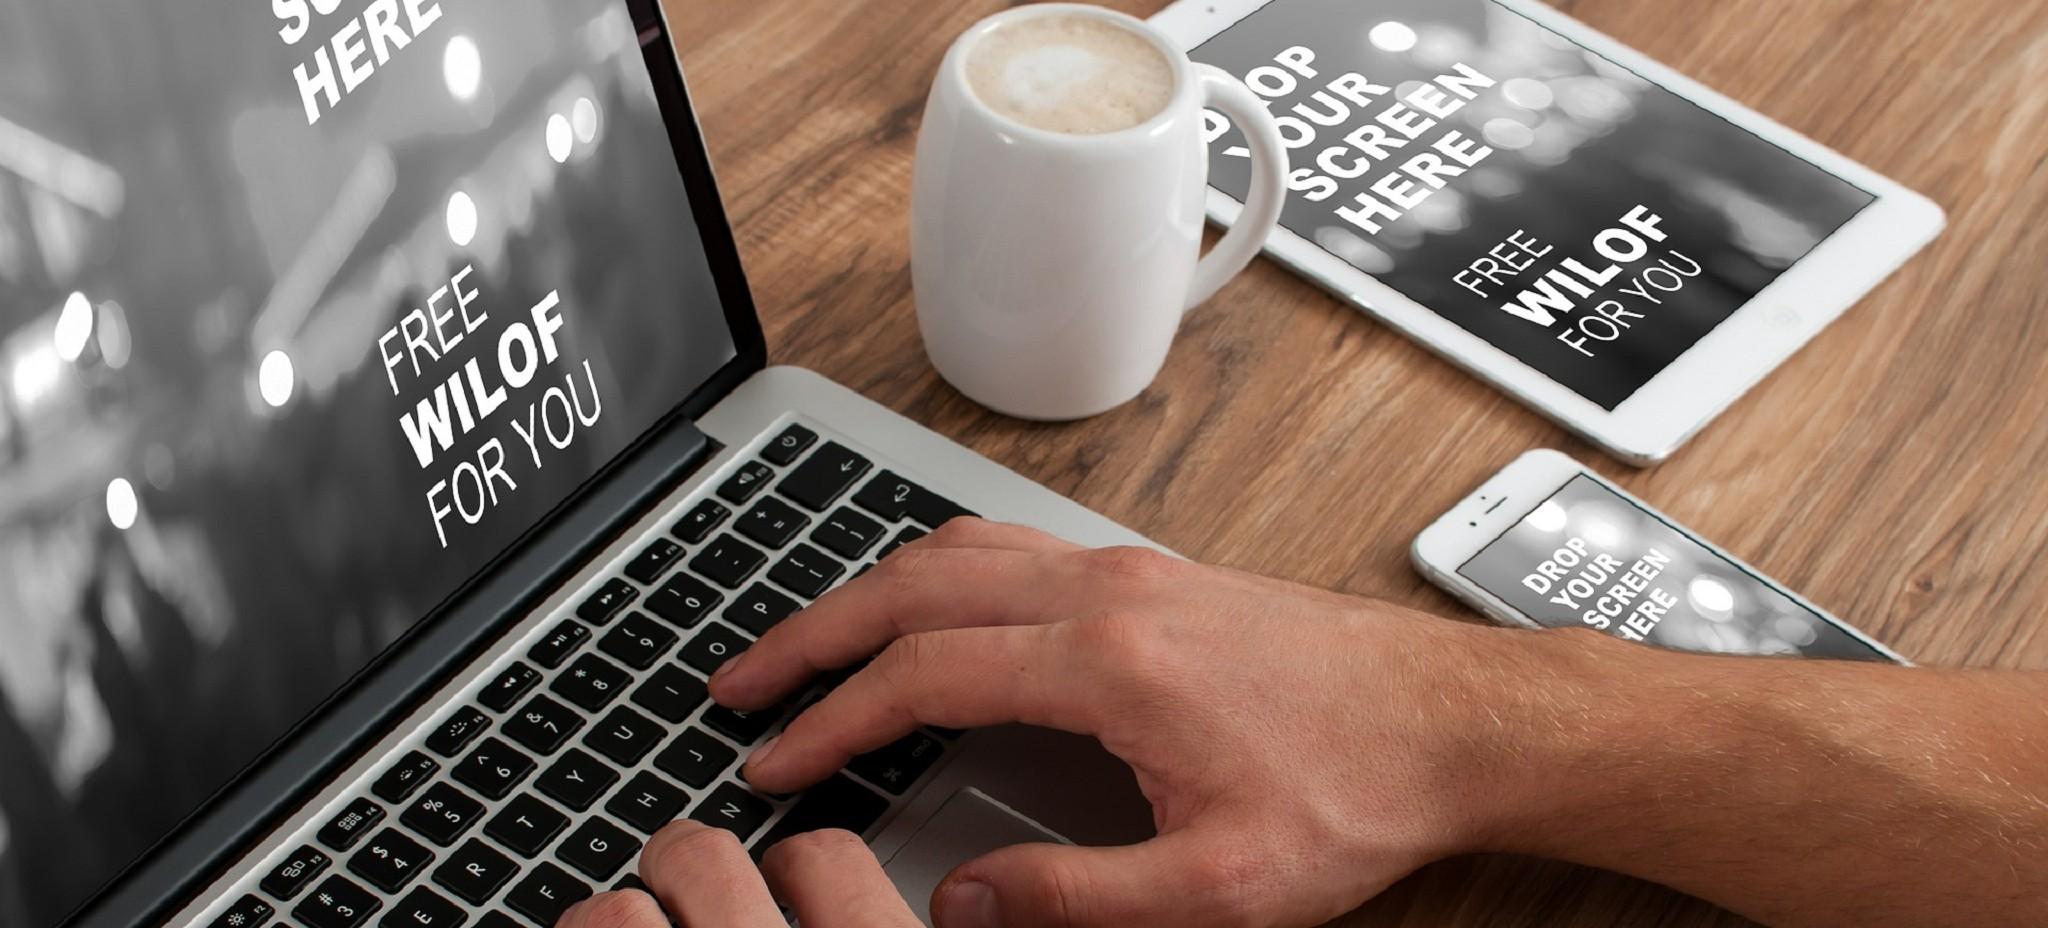 詹宏志:我的網路創業心路,及亞馬遜帶給我的啟發